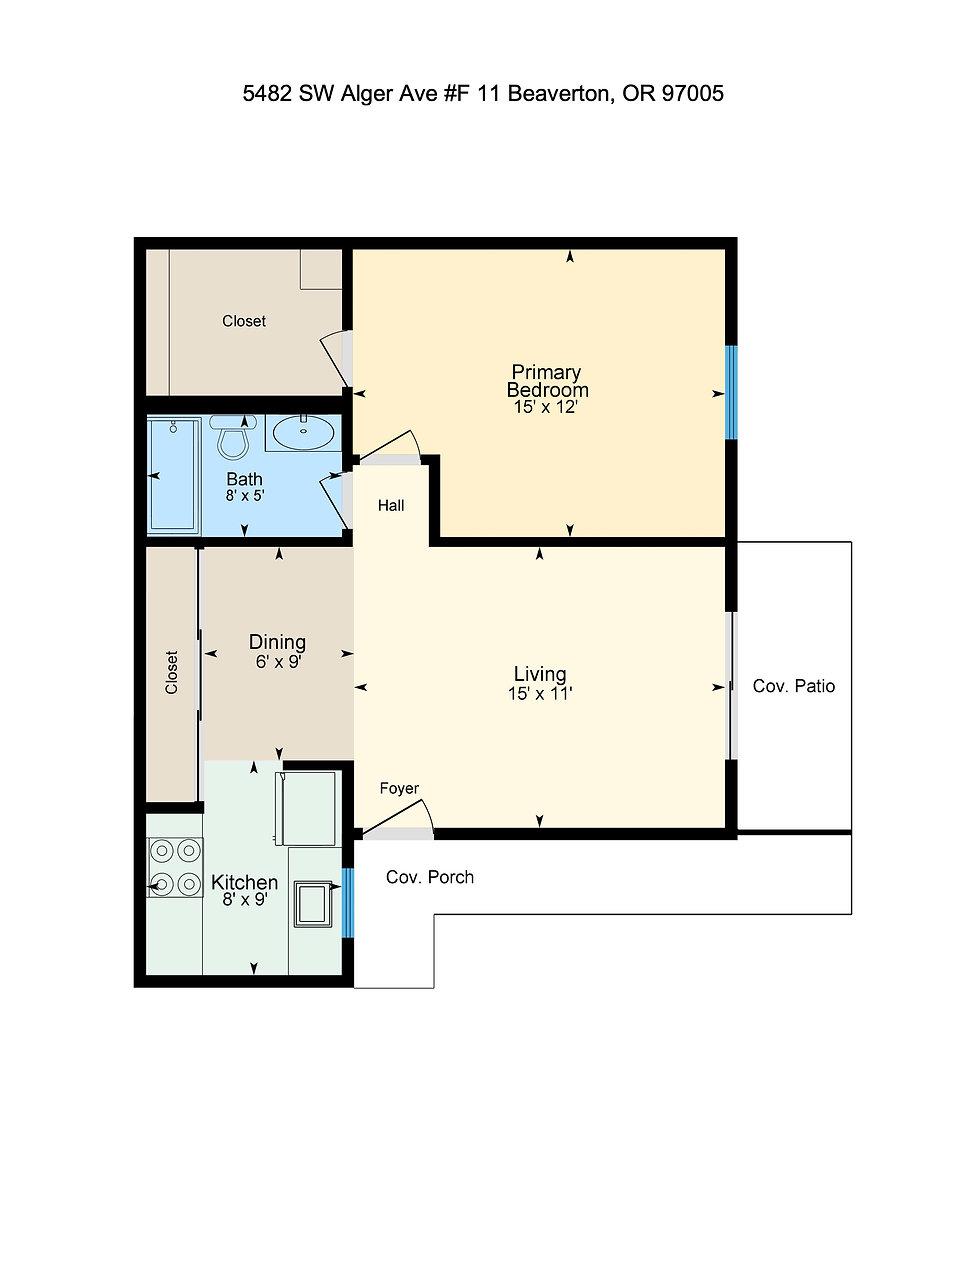 5482 SW Alger Ave F11 Floor Plan.jpg